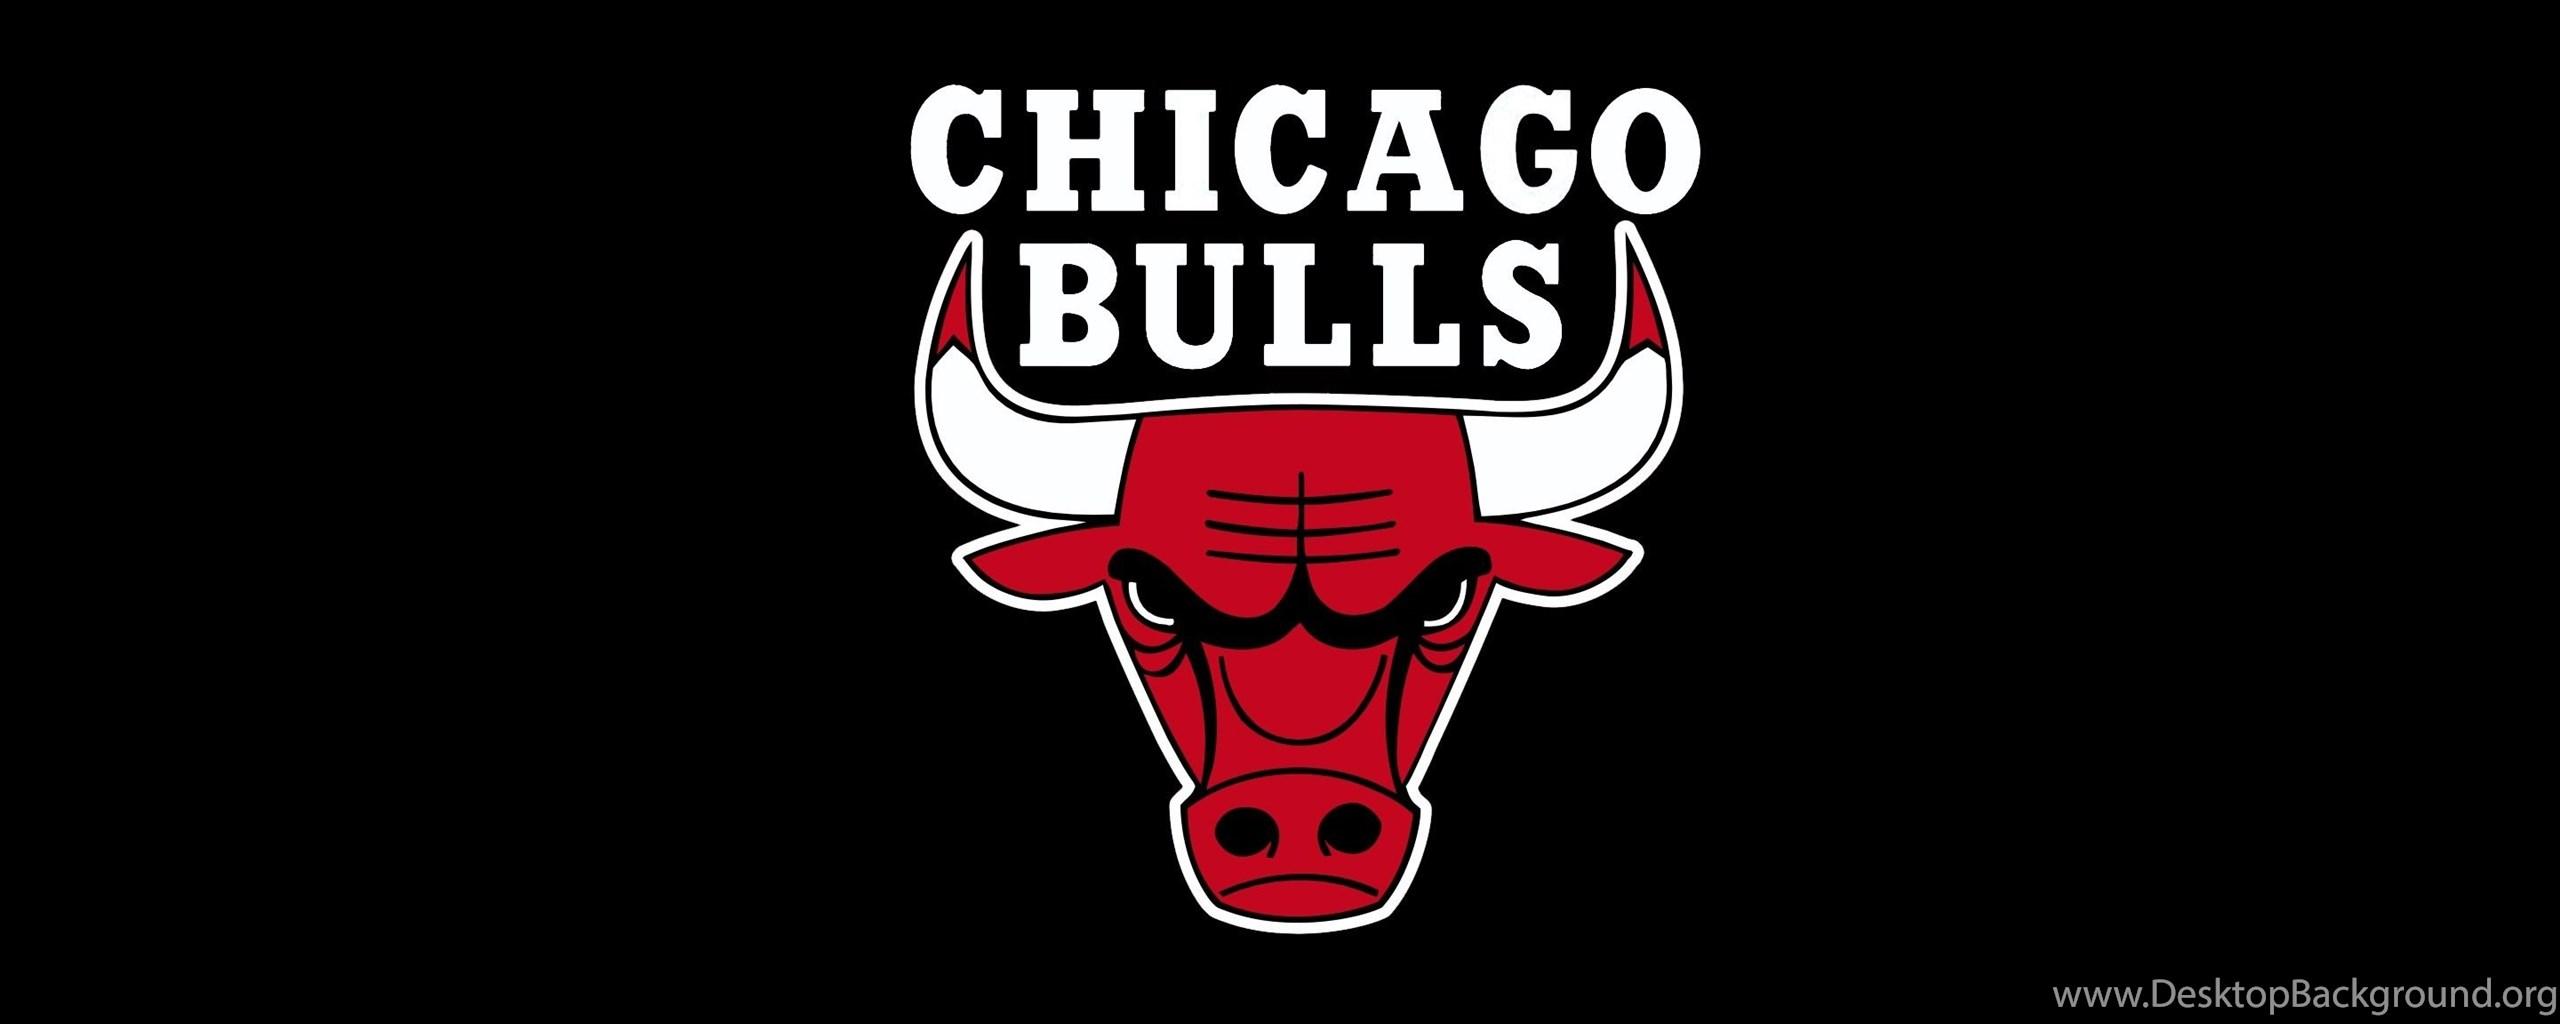 Chicago bulls rumors on twitter